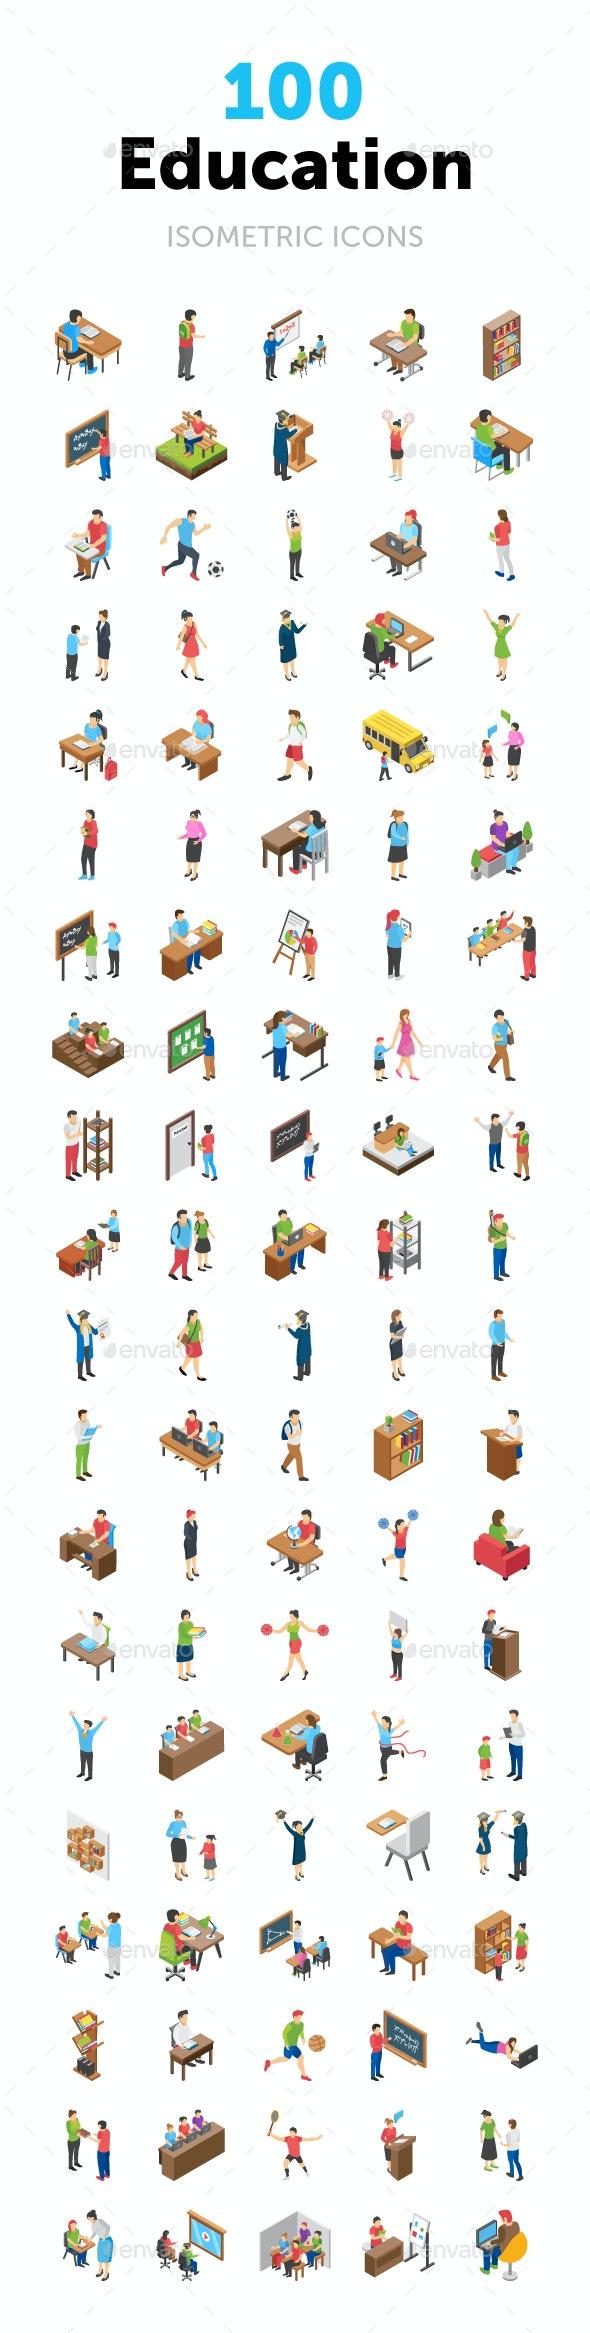 100 Education Isometric Icons - Icons